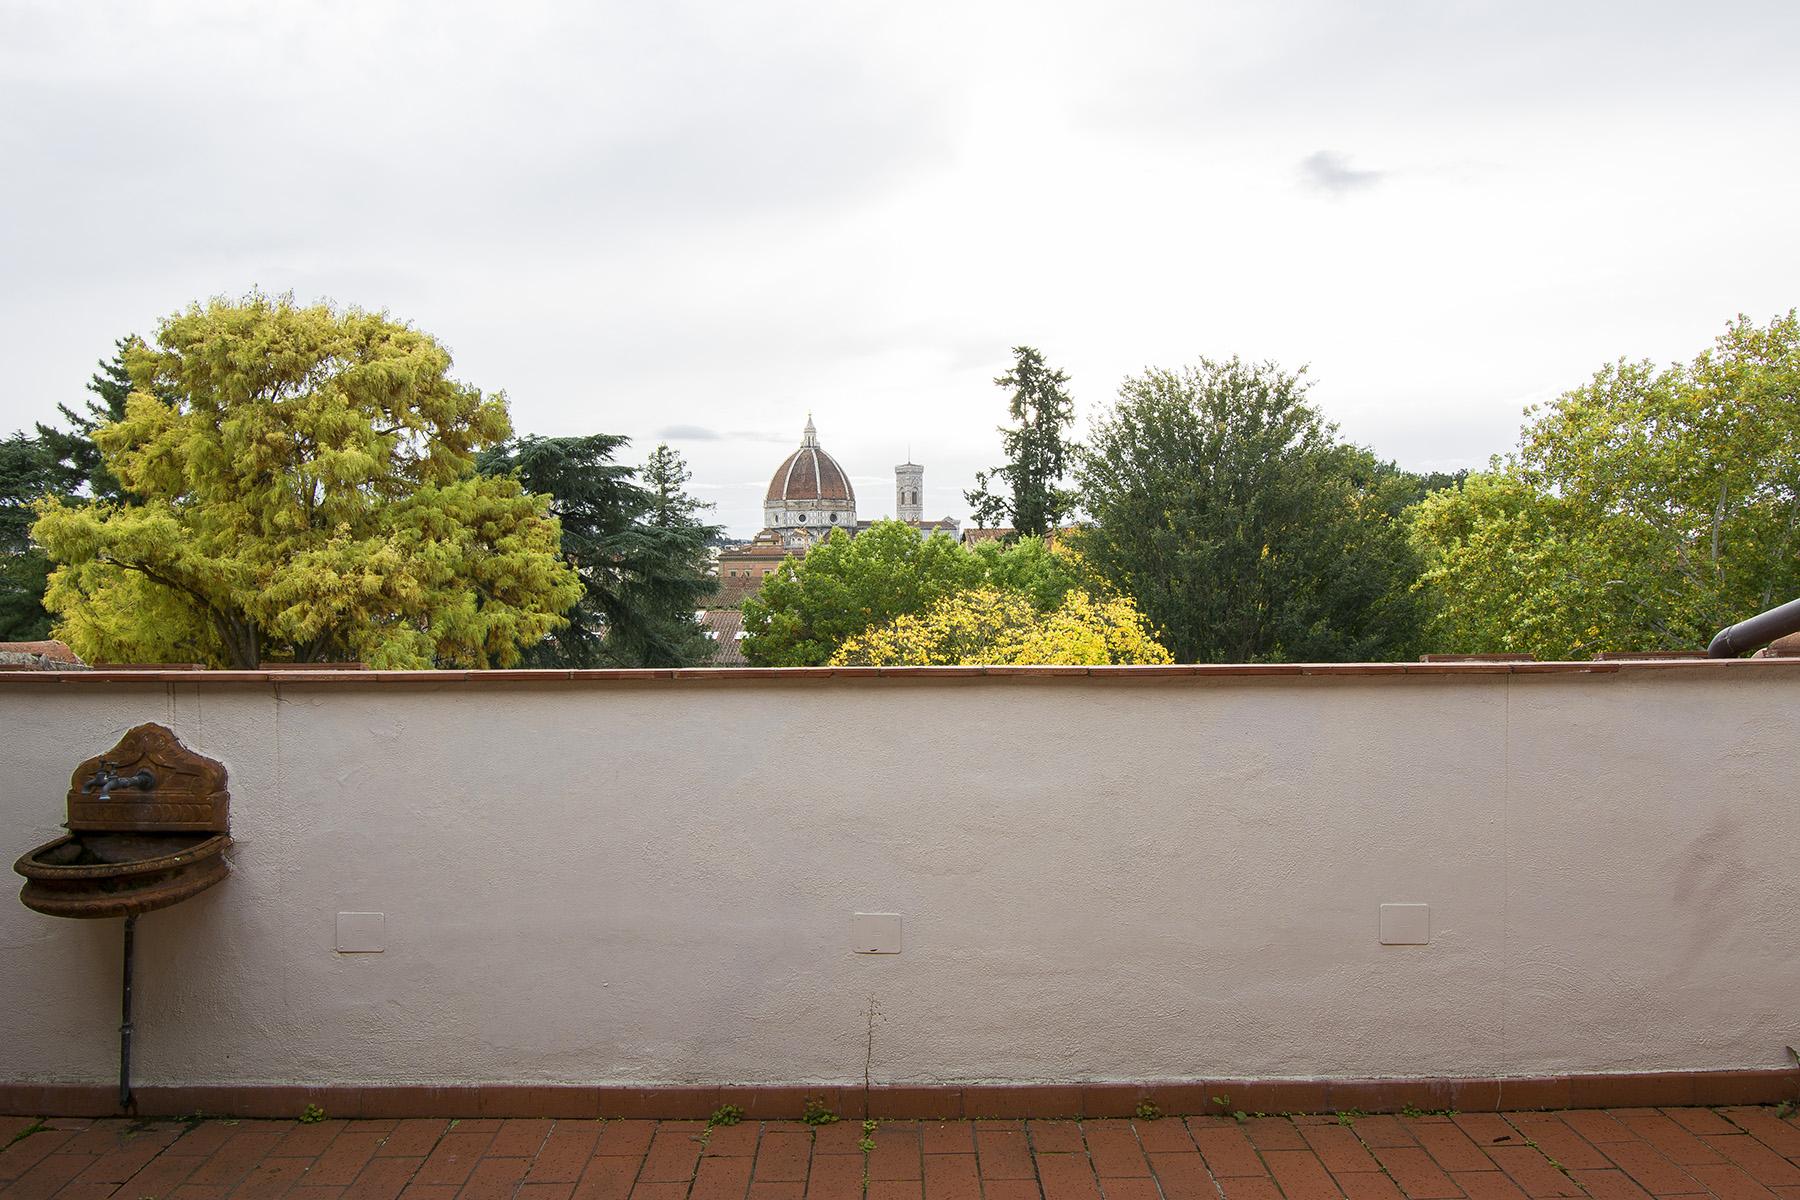 Attico in Affitto a Firenze: 5 locali, 120 mq - Foto 2